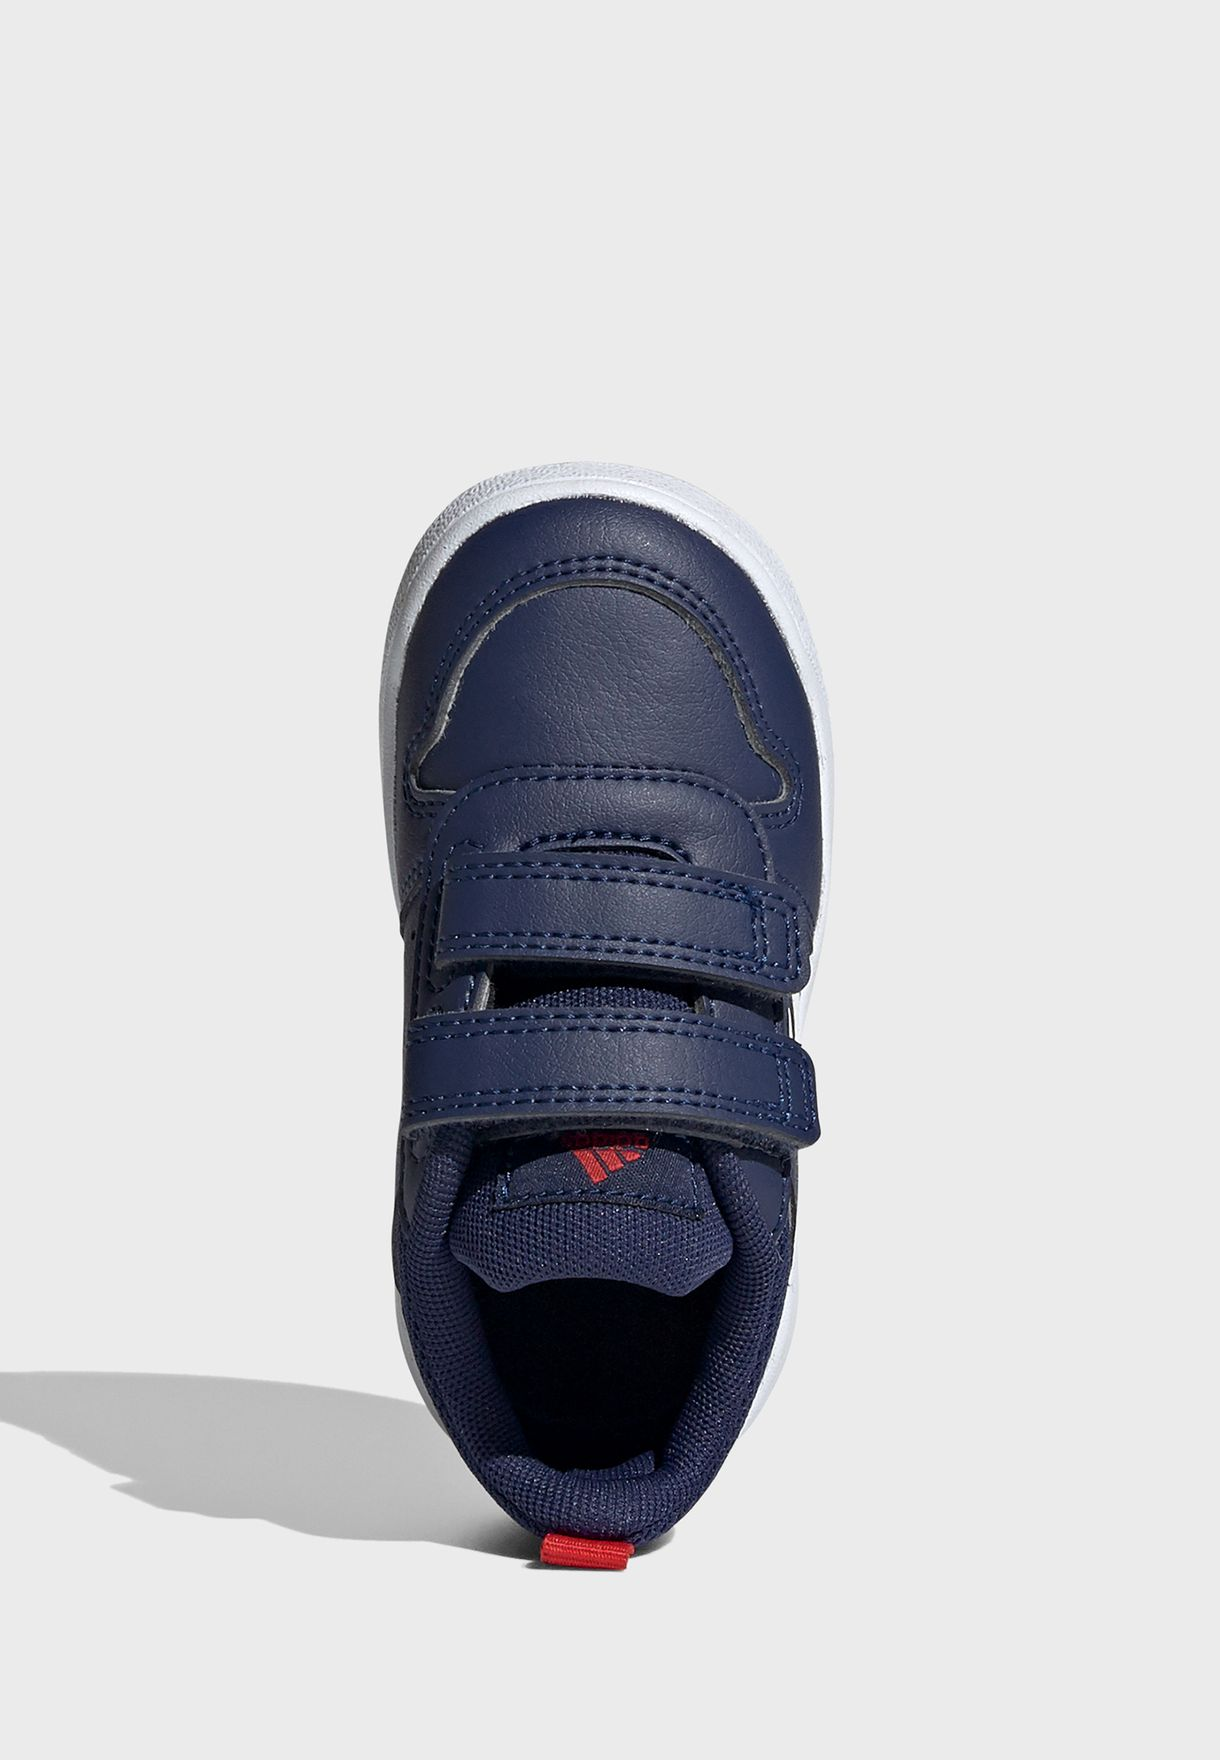 حذاء تنسور للبيبي